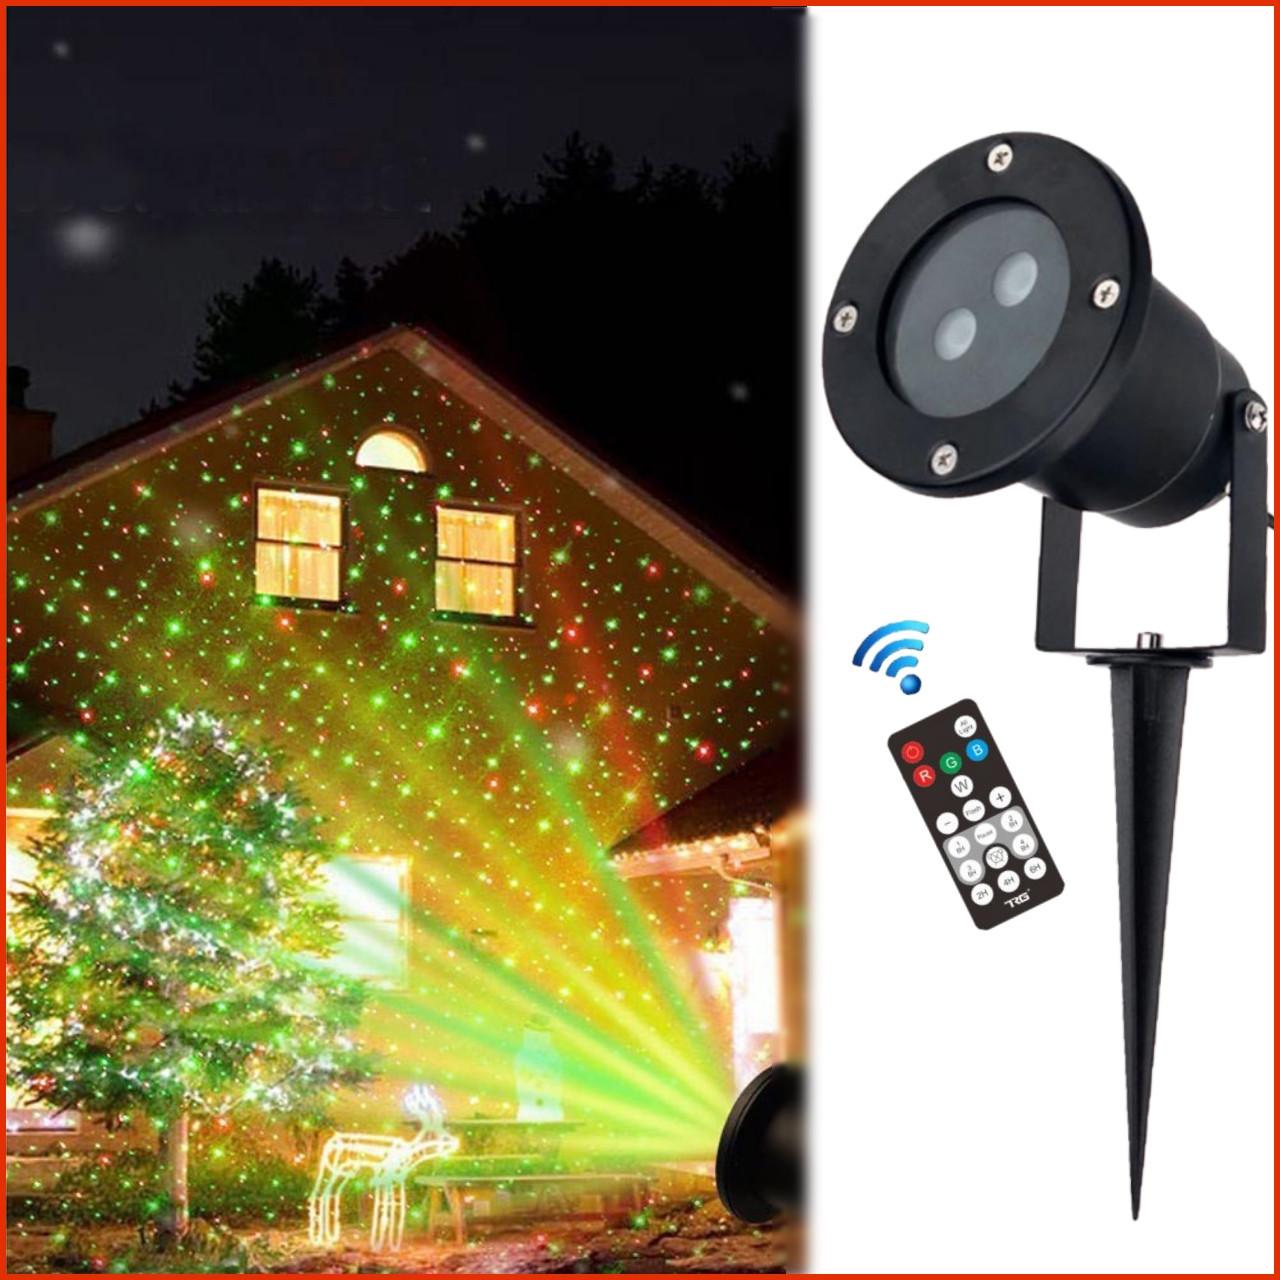 Лазерний проектор Holiday Laser Light з пультом Star Shower гірлянда зоряний вуличний зірки новорічний лазер